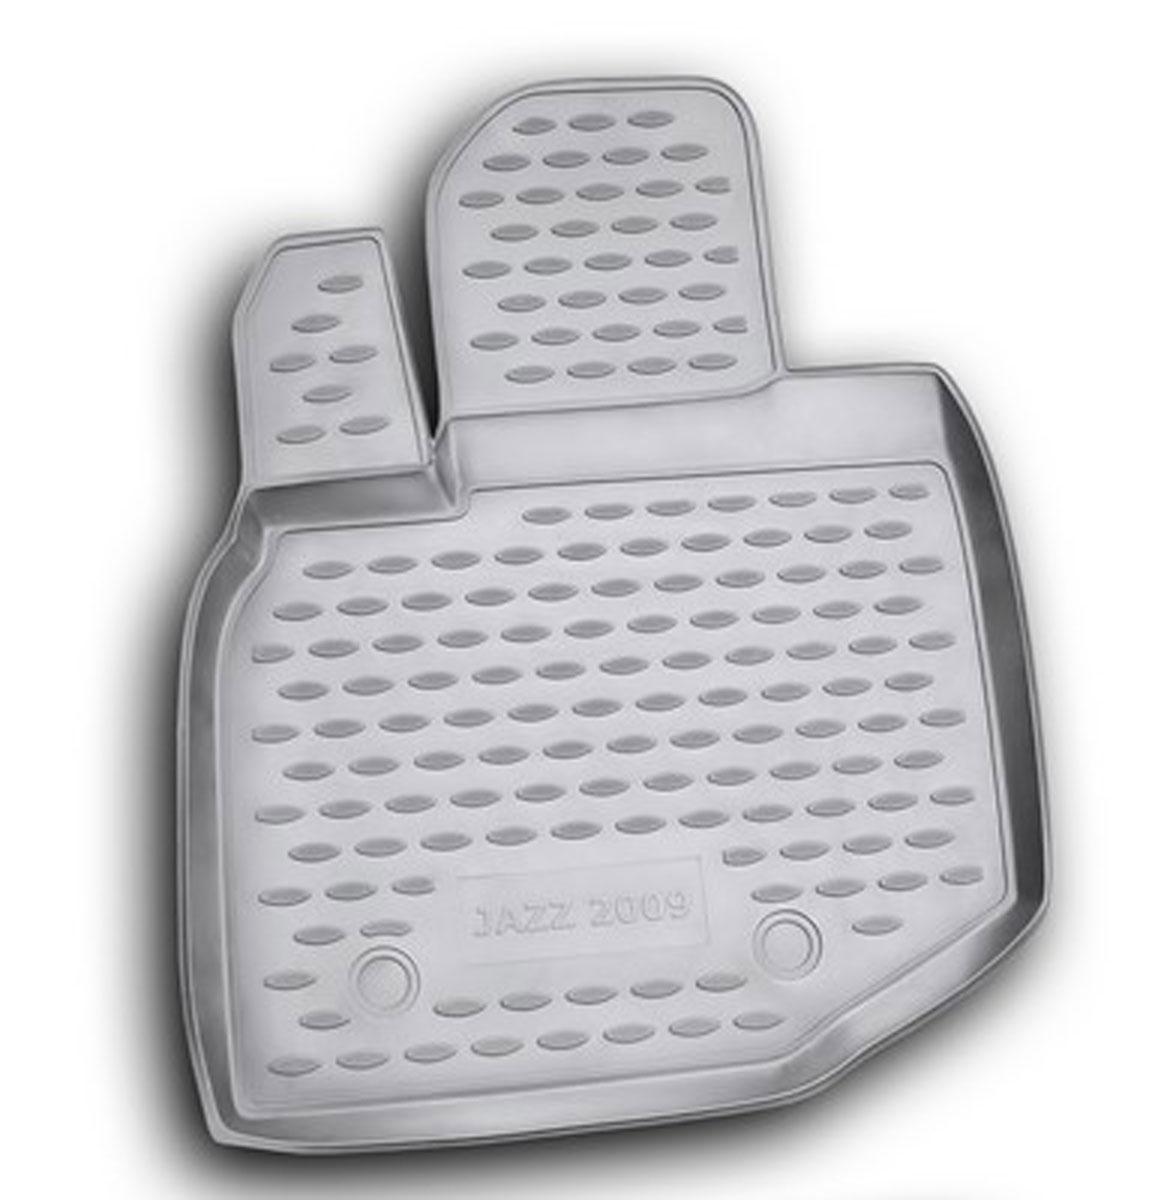 Коврик в салон автомобиля Novline-Autofamily для Honda Jazz, 2009 -, передний левыйCARLD00001kКоврик Novline-Autofamily улучшит внешний вид салона автомобиля и надежно убережет его от пыли, грязи и сырости, а значит, защитит кузов от коррозии. Полиуретановый коврик гладкий, приятный и не пропускает влагу. Полиуретановый автомобильный коврик произведен из высококачественного материала, который держит форму и не пачкает обувь. Коврик надежно крепится на полу и не скользит, что очень важно во время движения, особенно для водителя. Изделие из полиуретана надежно удерживает грязь и влагу, при этом всегда выглядит довольно опрятно. И чистится он очень просто: как при помощи автомобильного пылесоса, так и различными моющими средствами.